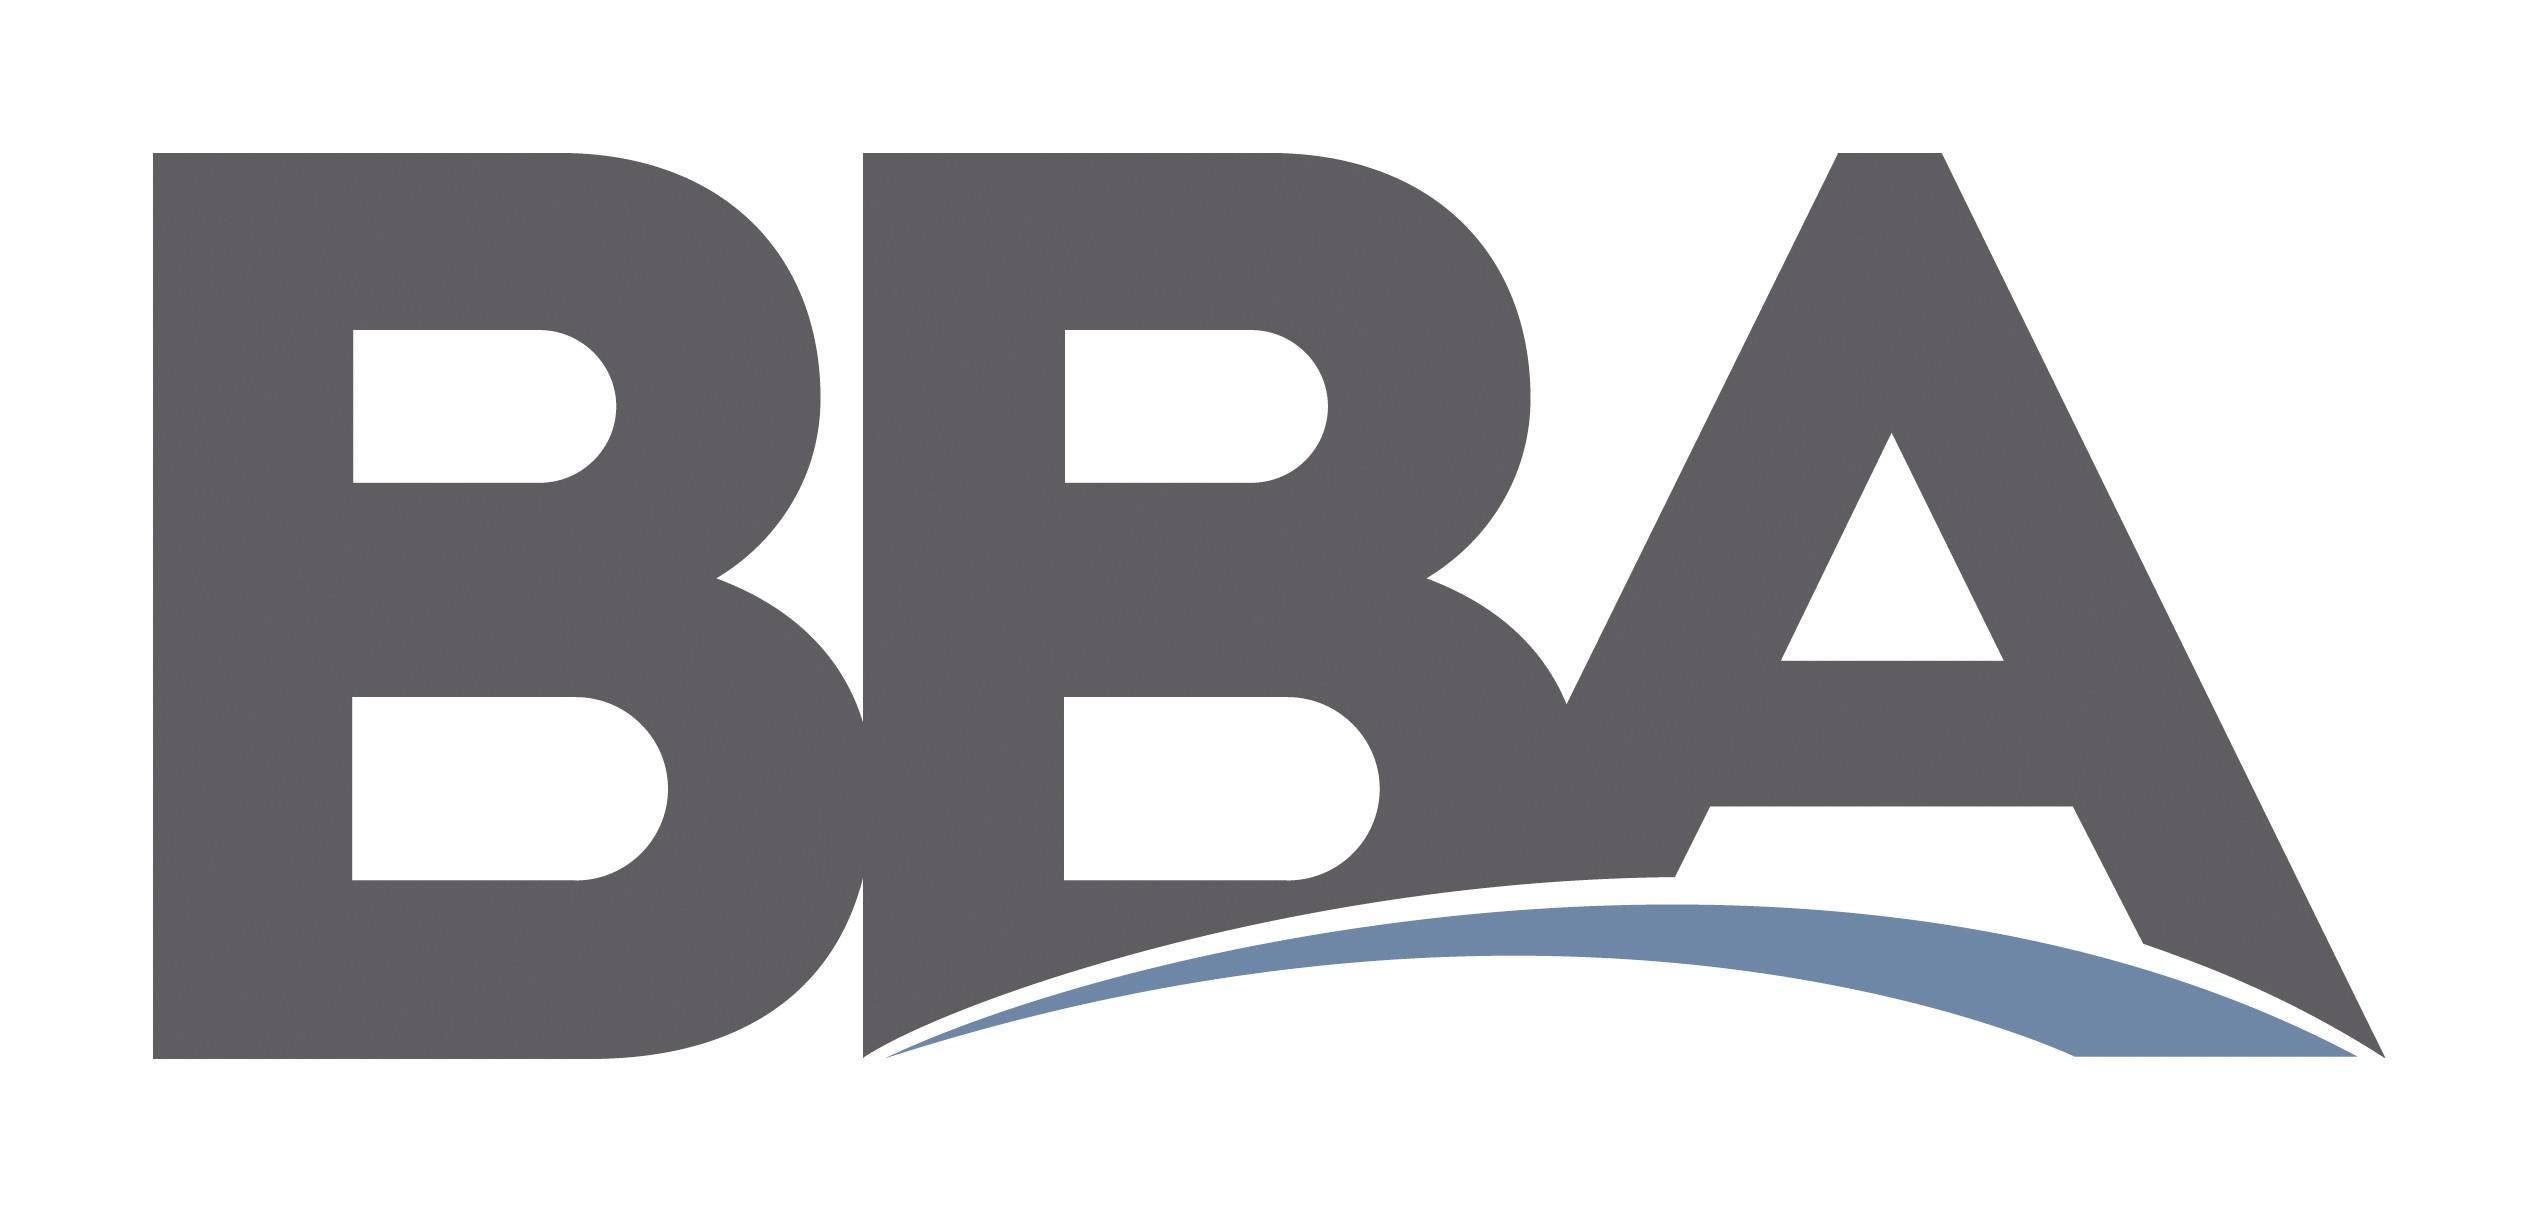 BBA In Pakistan